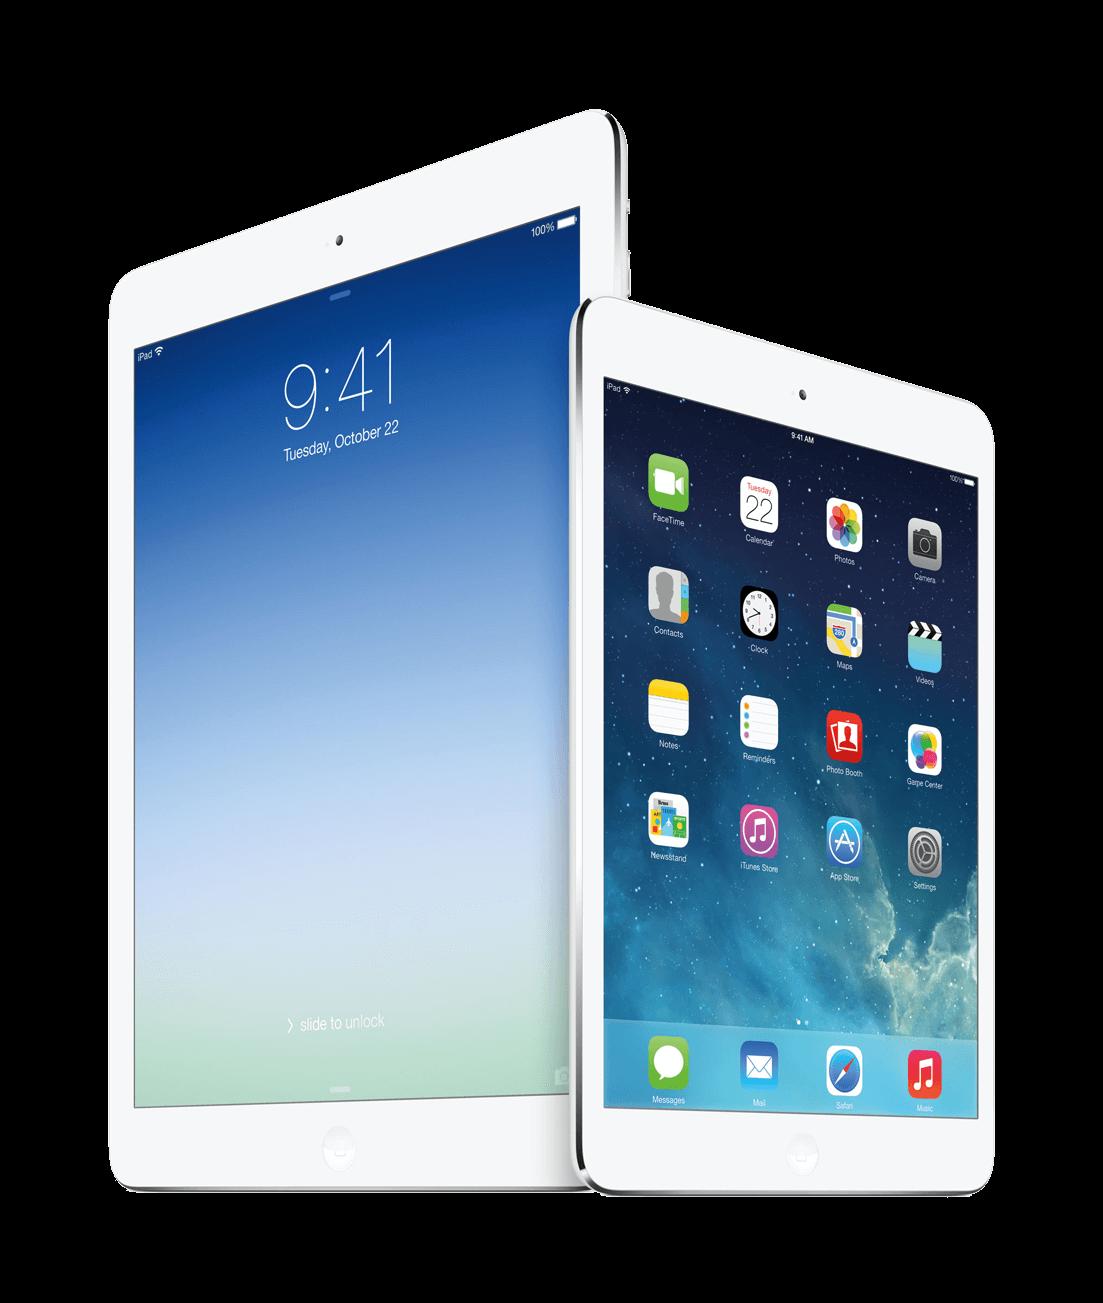 台中當舖高價收購iPad 舊機換現金